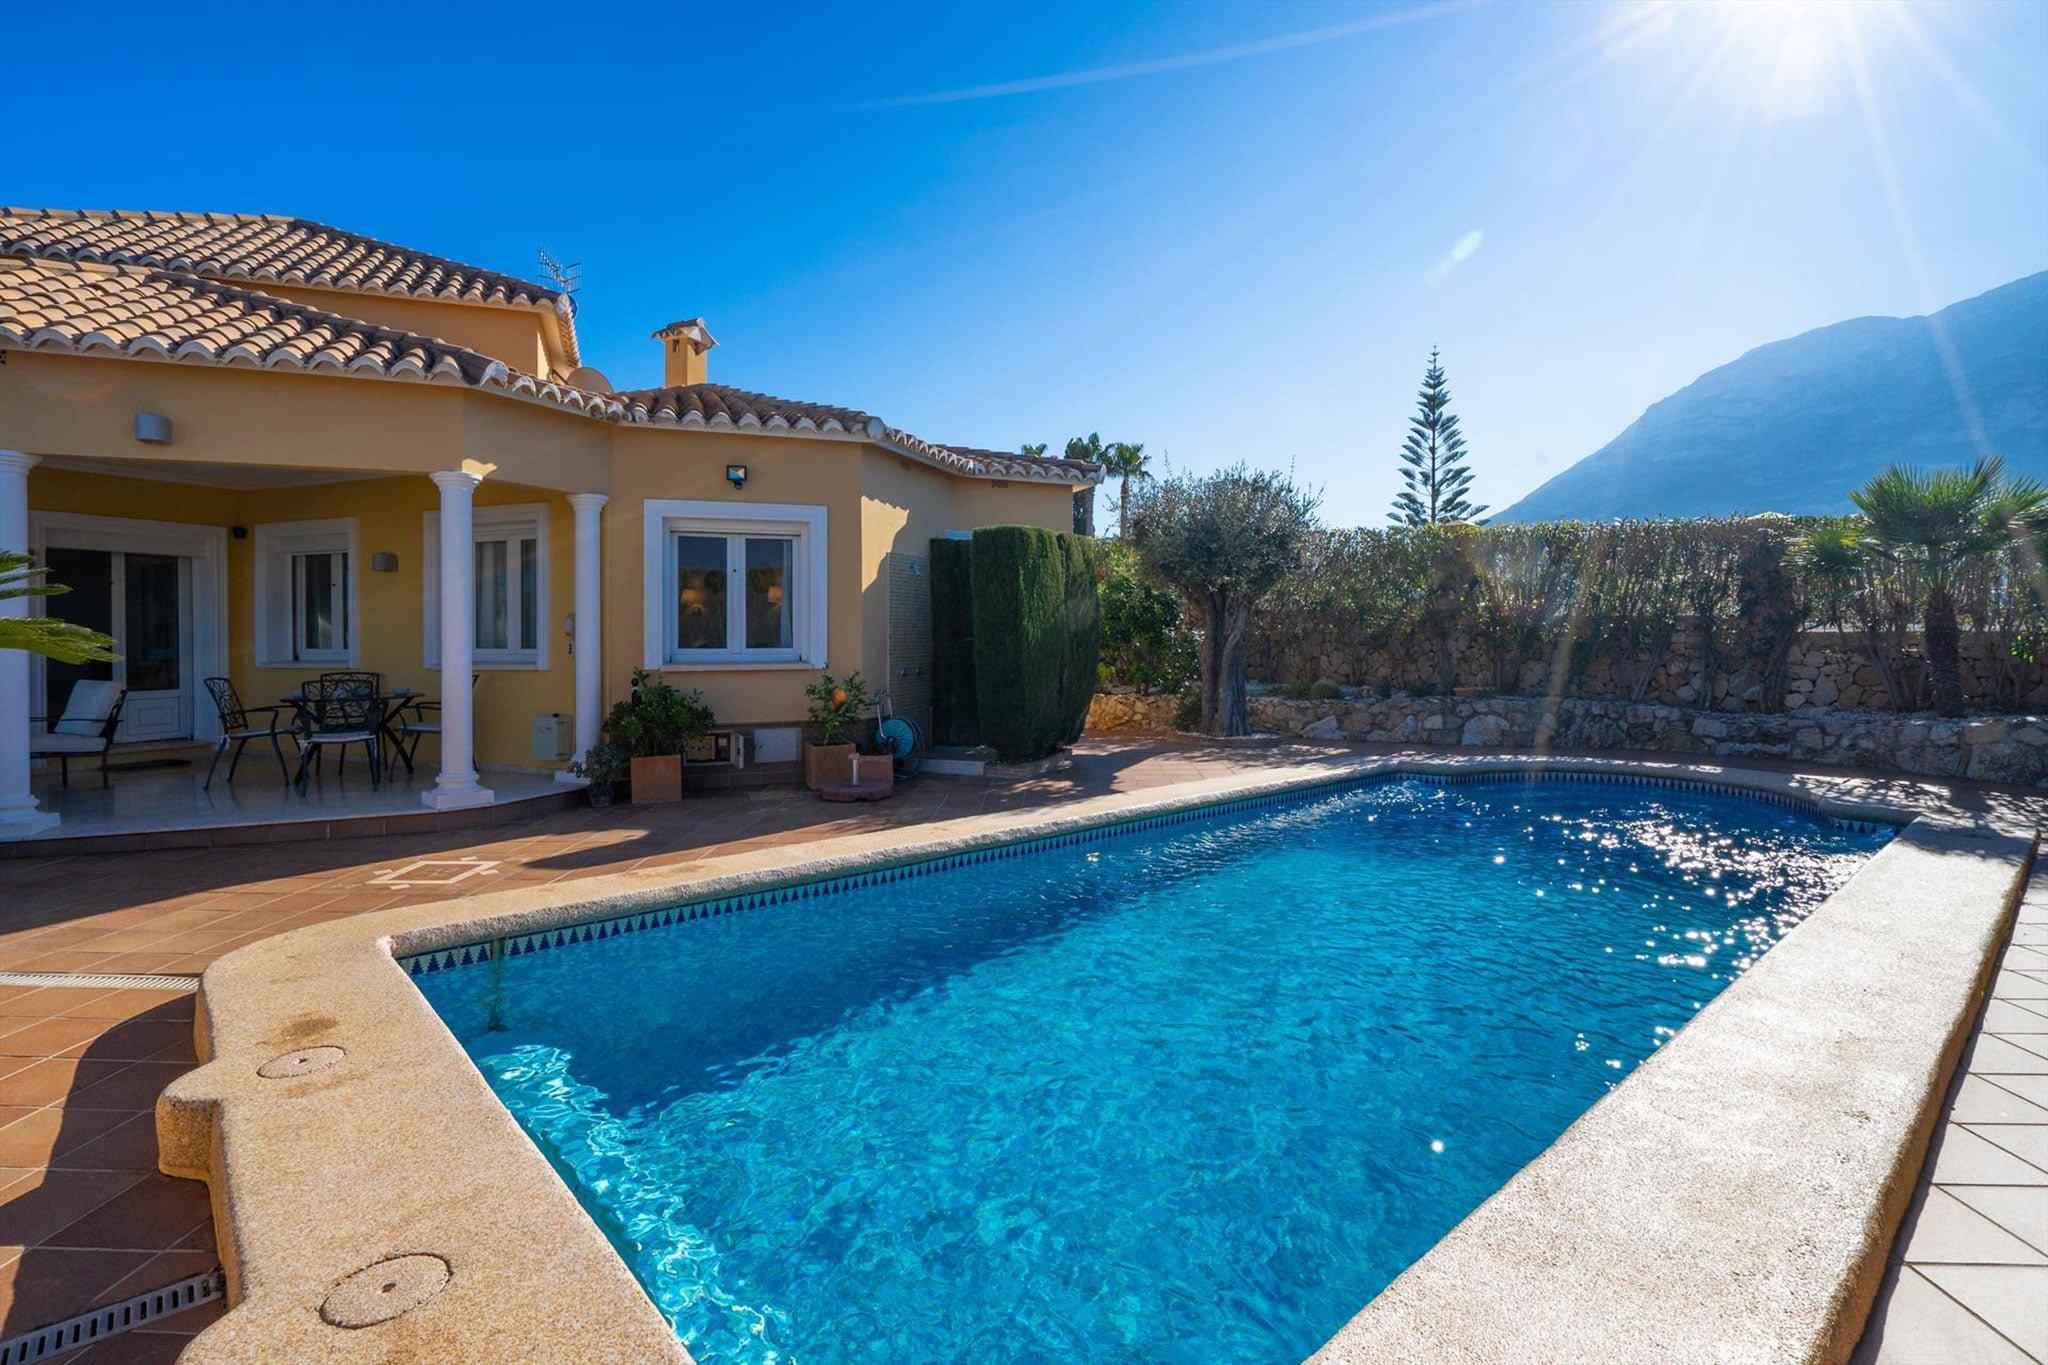 Casa de vacances amb piscina privada a Dénia - Aguila Rent a Vila